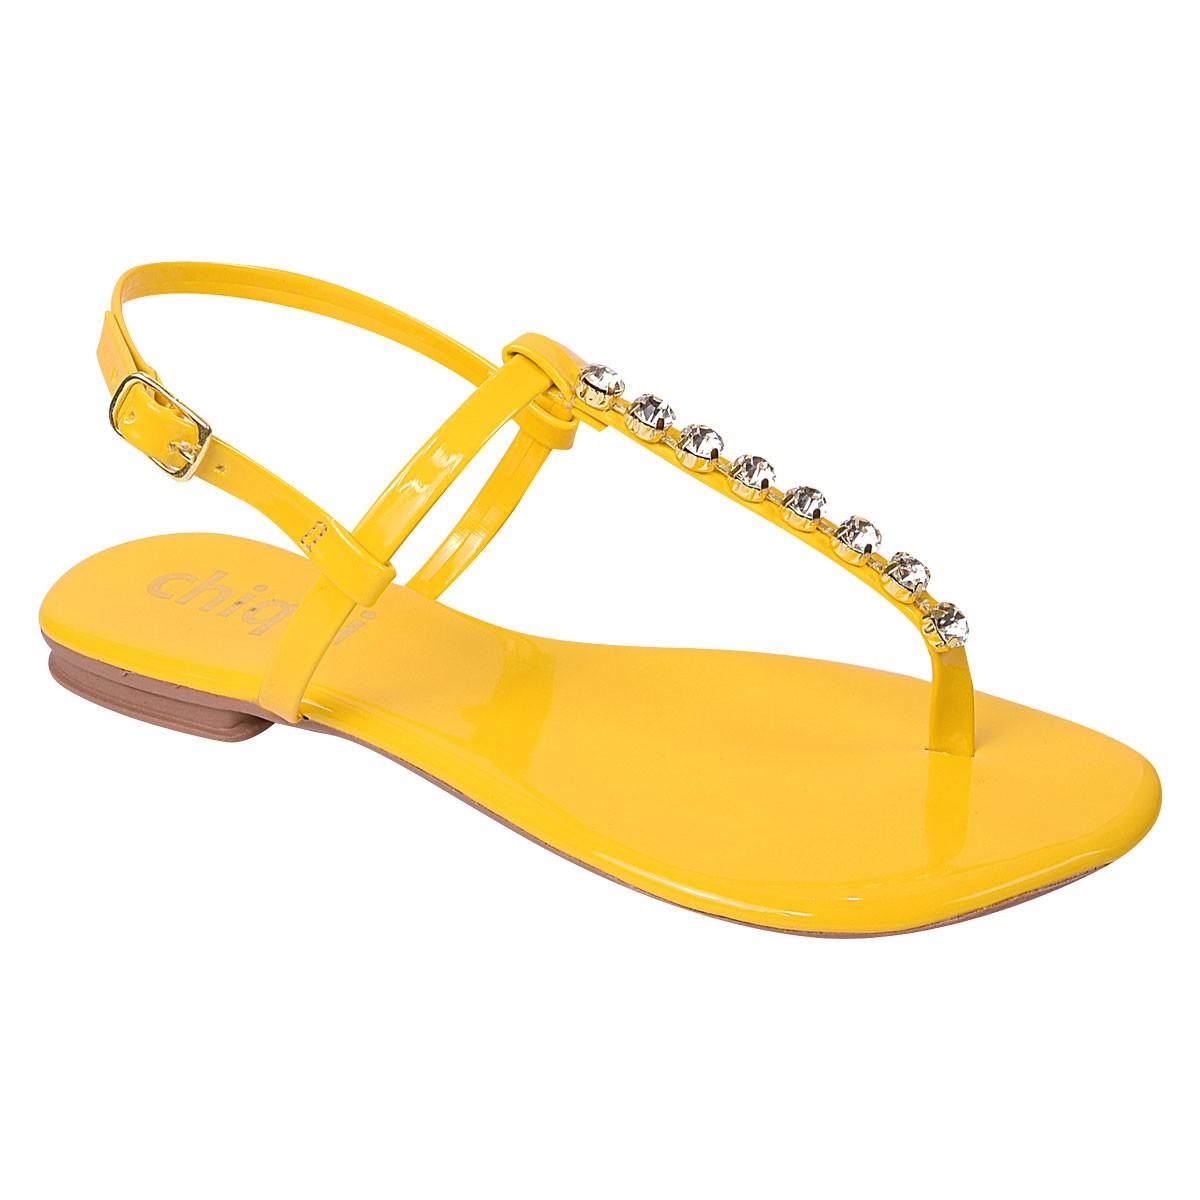 Rasteira Chiquiteira Strass Amarelo EC